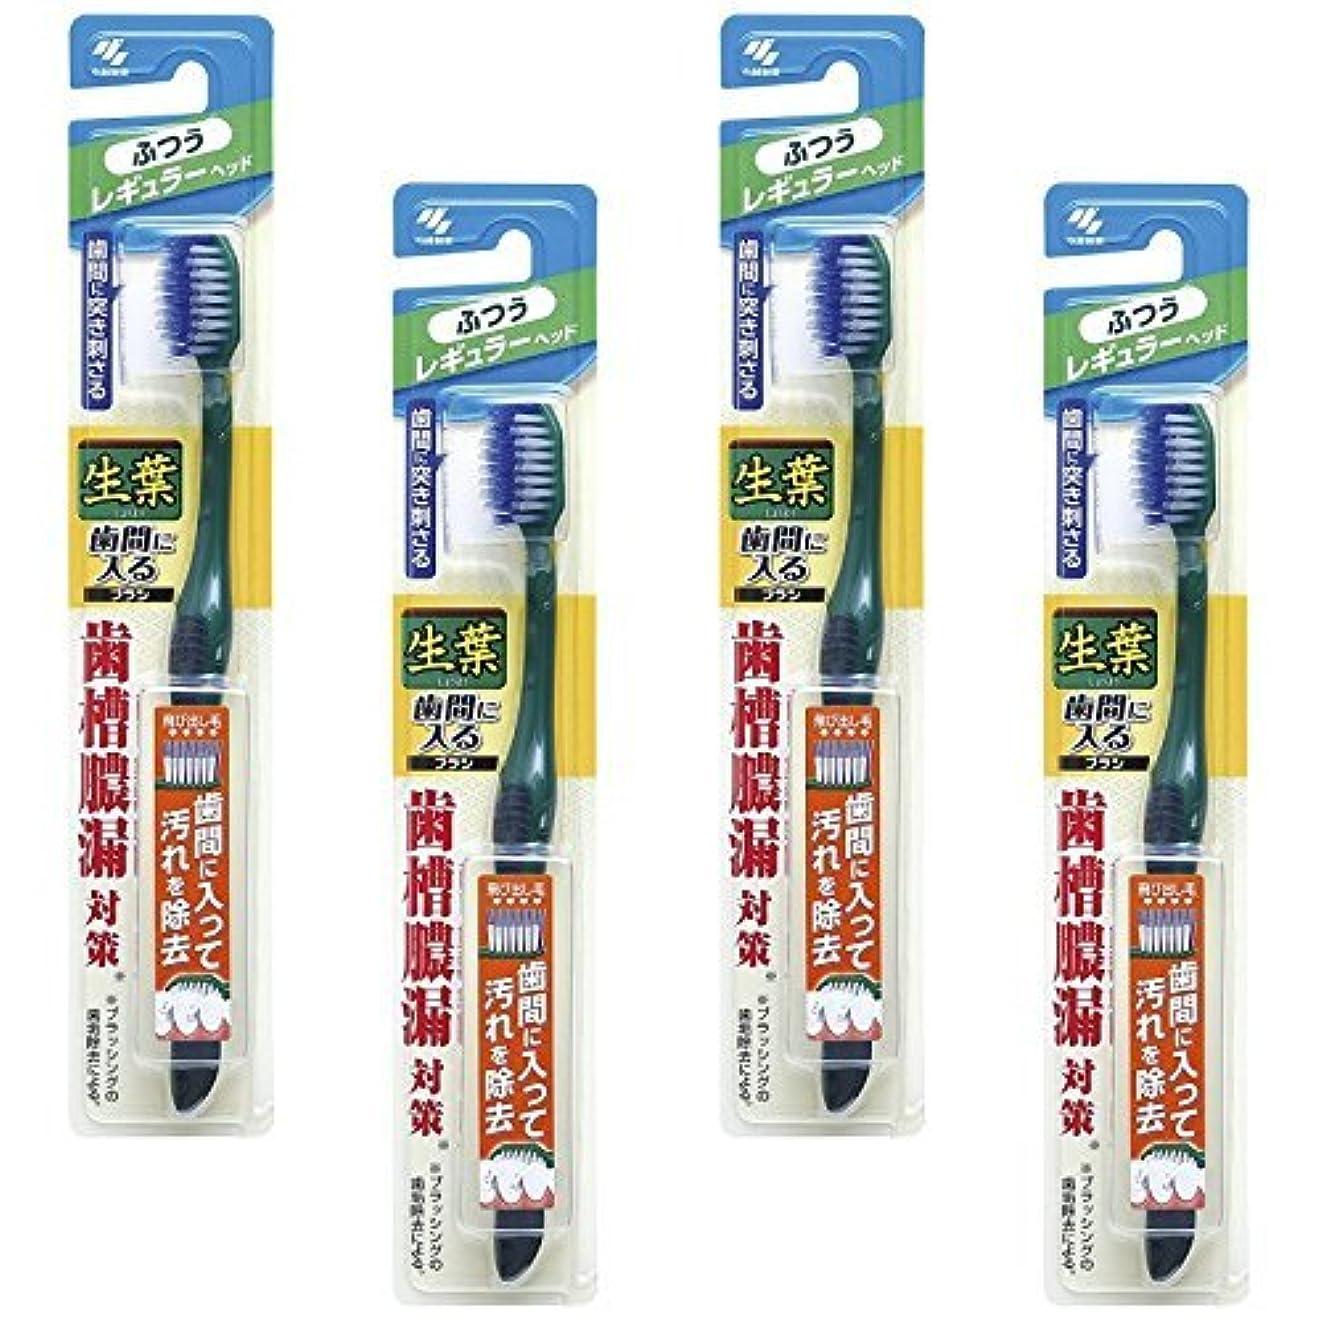 燃やすポインタ藤色【まとめ買い】生葉(しょうよう)歯間に入るブラシ 歯ブラシ レギュラー ふつう ×4個